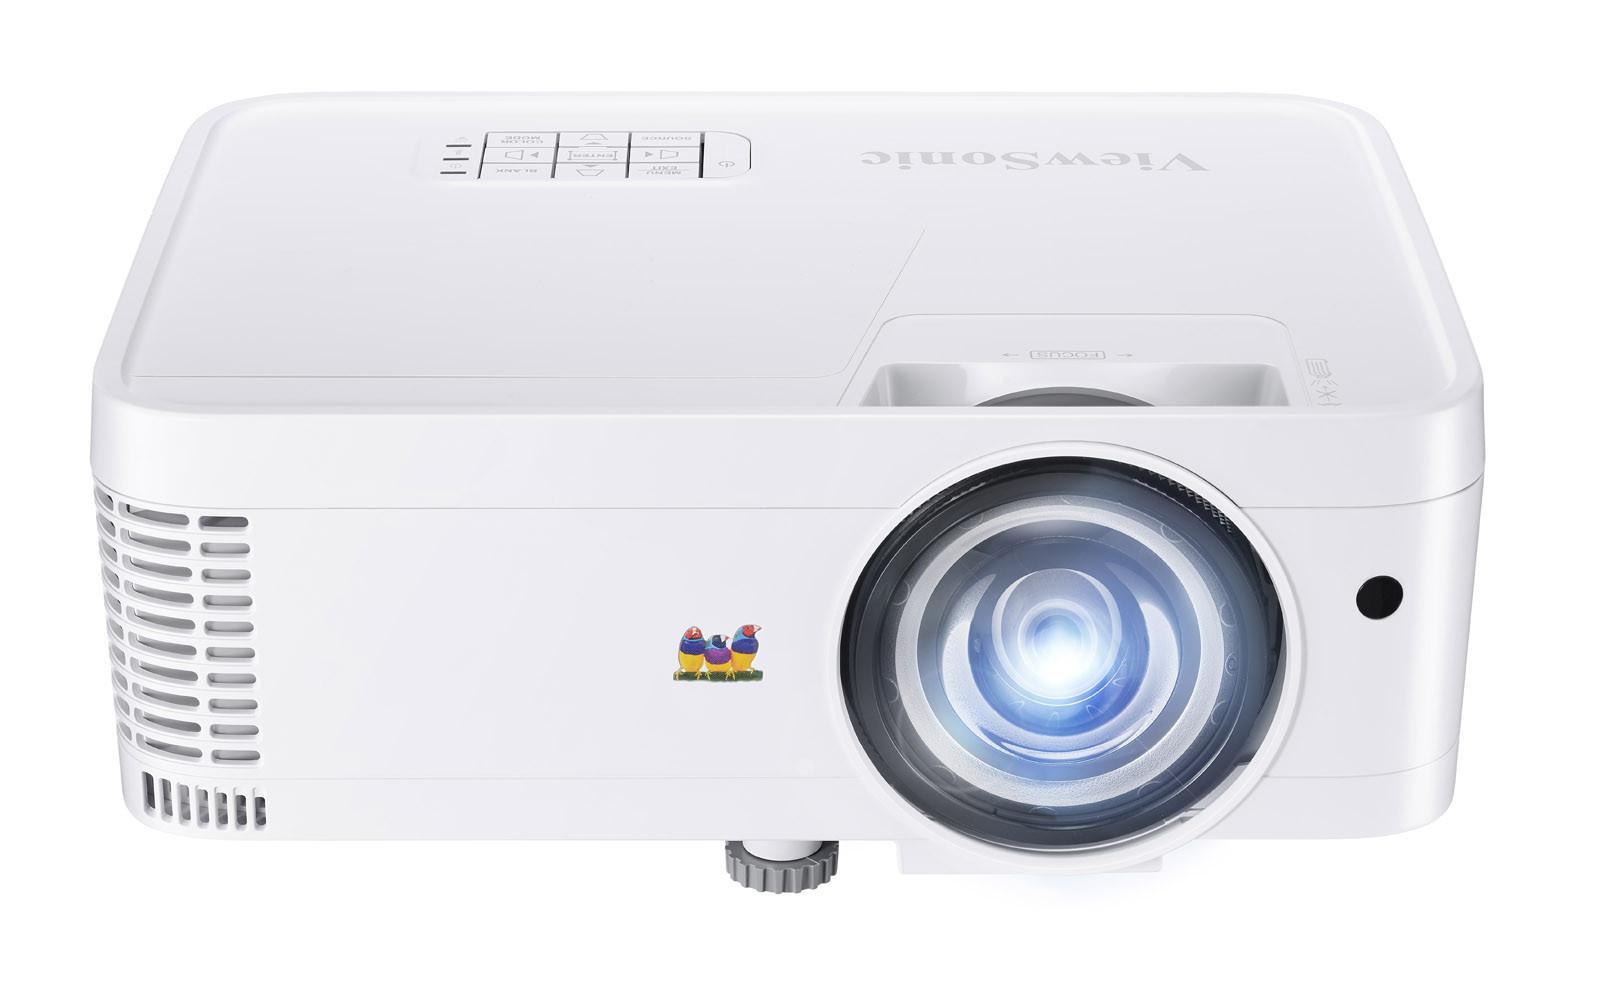 Máy chiếu đa năng Viewsonic PS600W